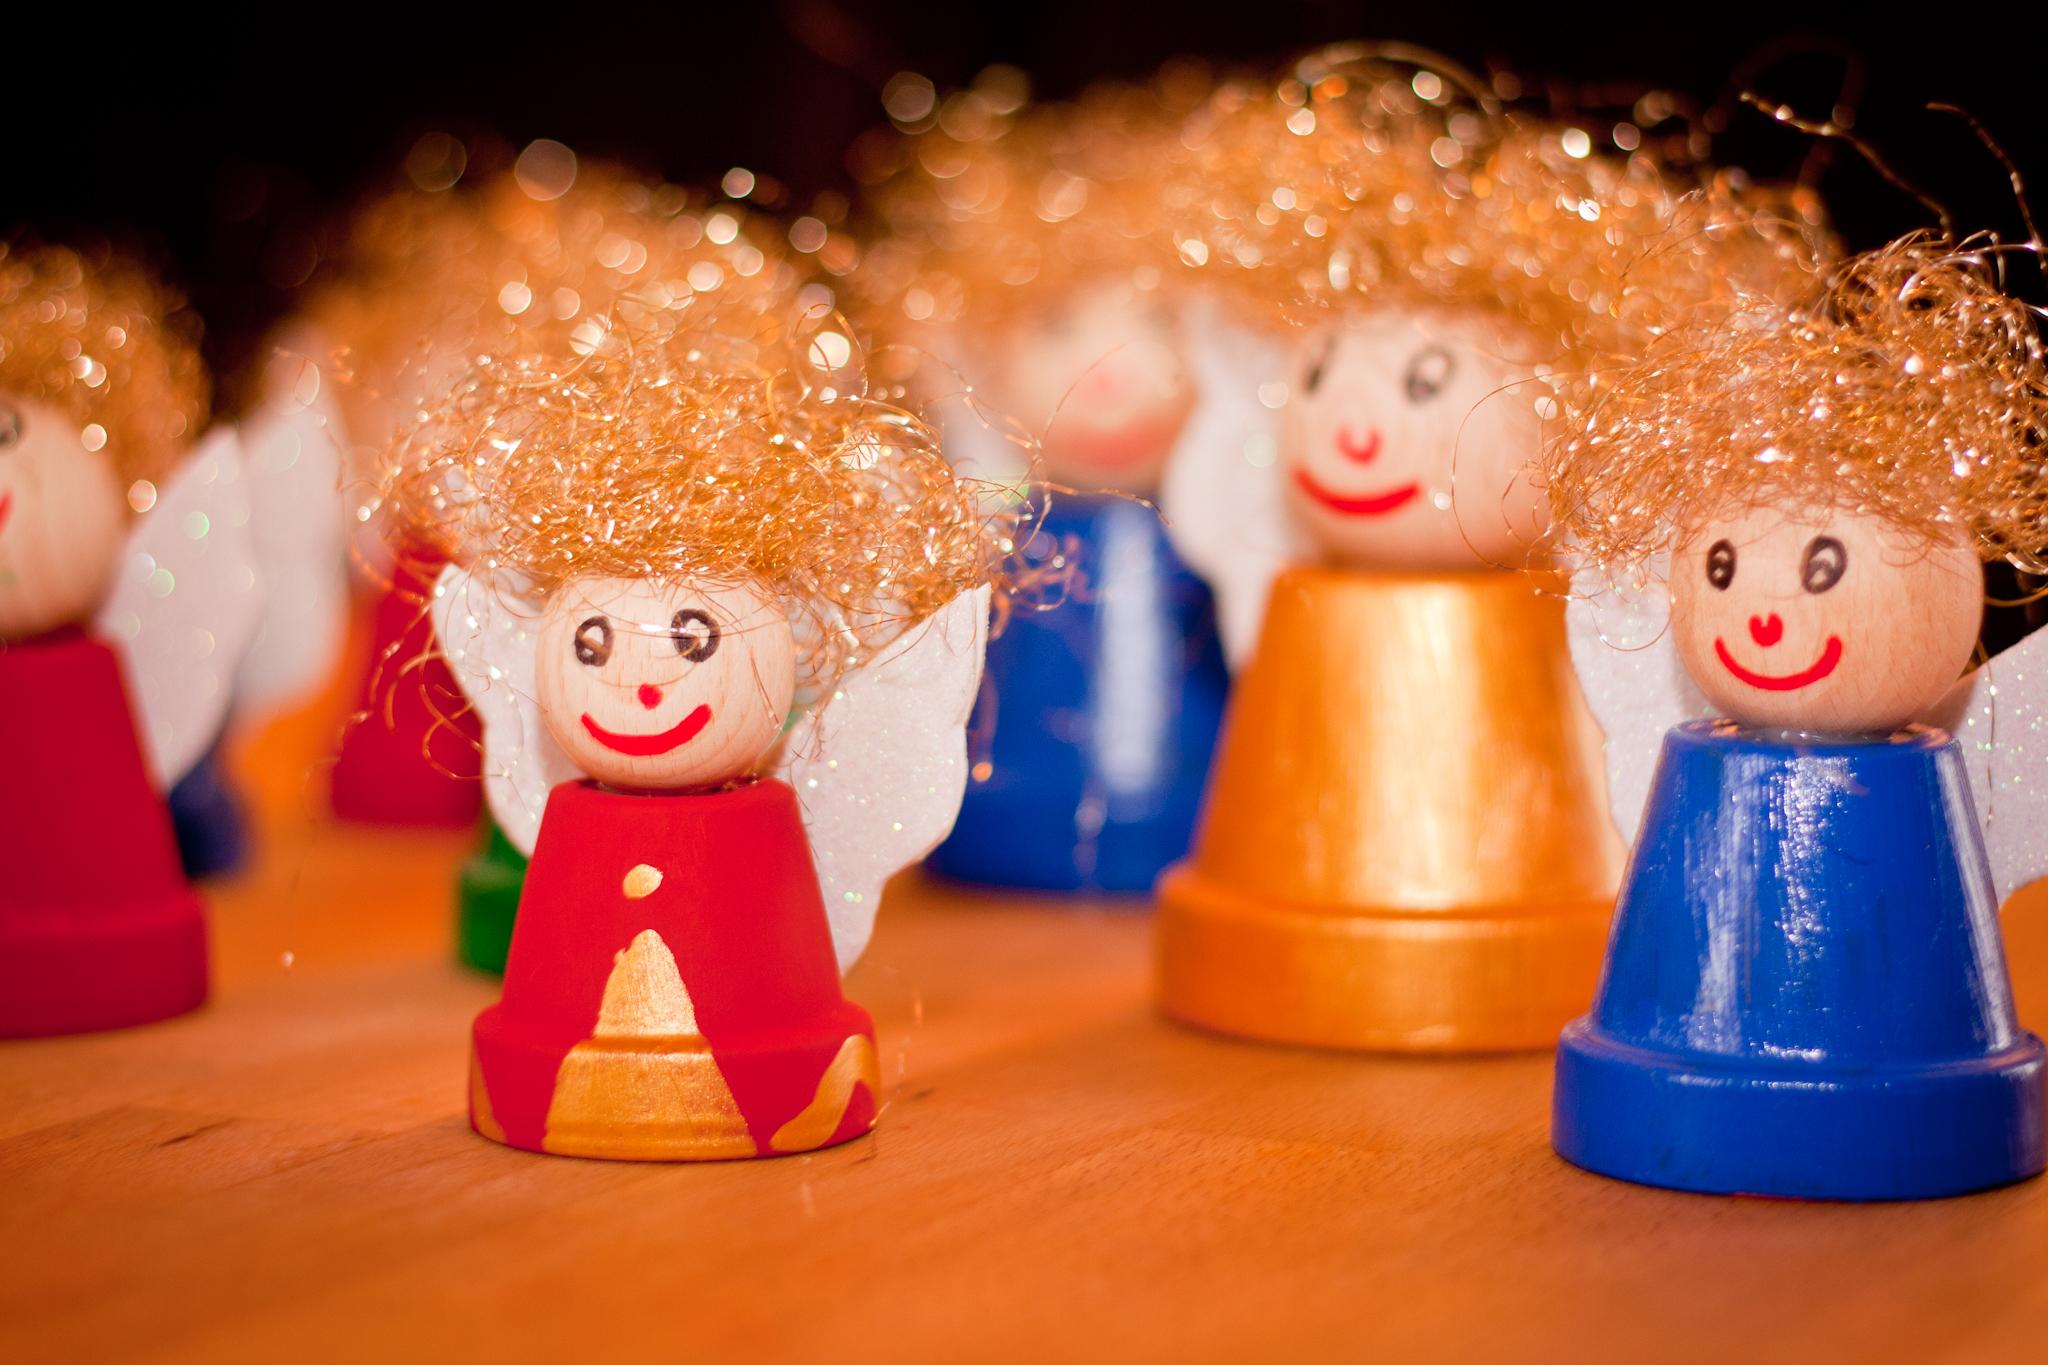 Vom struwwelpeter zum weihnachtsengel unser kreativblog - Weihnachtsengel basteln ...